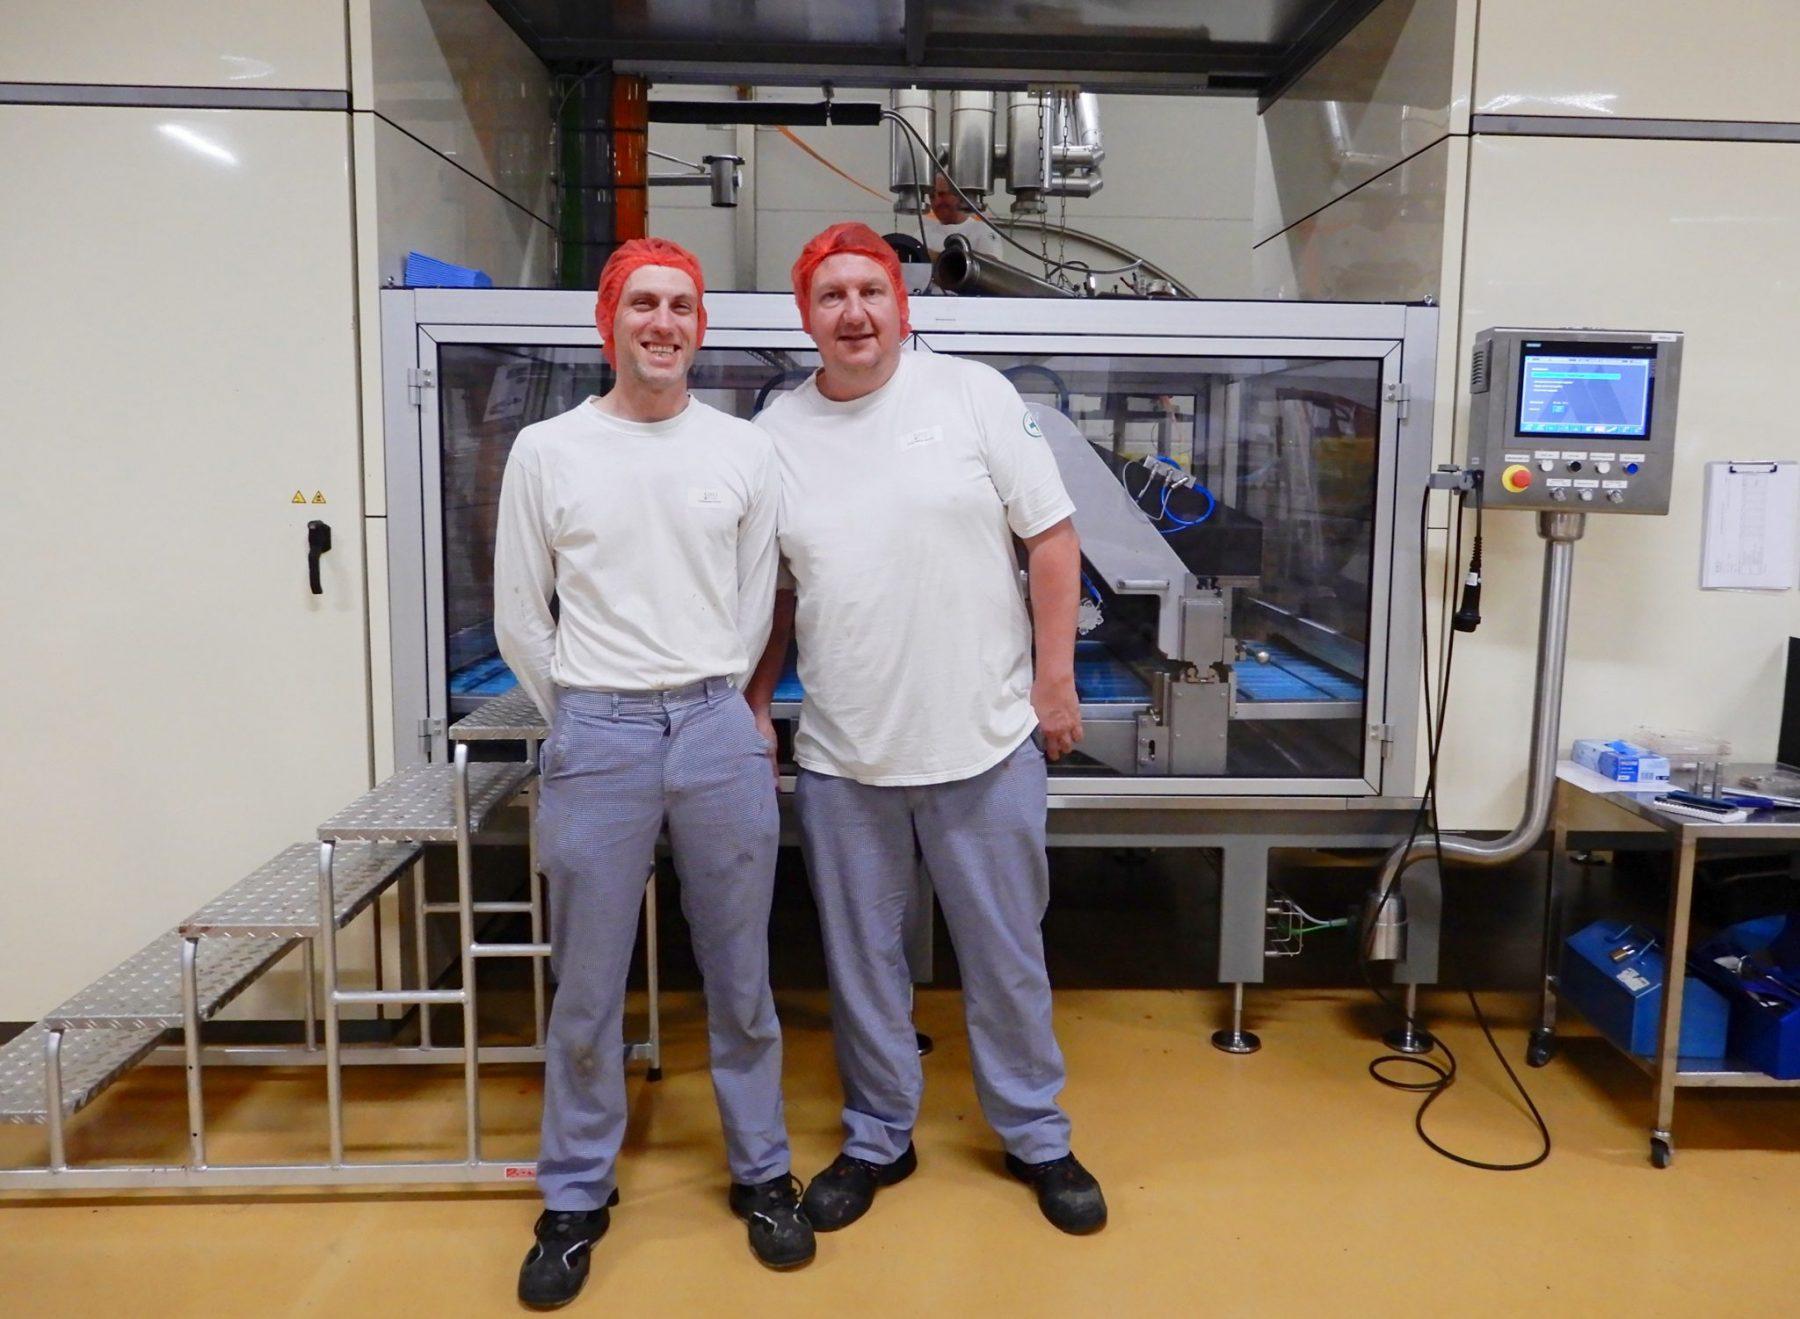 Michaël en Peter zijn lijnverantwoordelijken in een chocoladefabriek